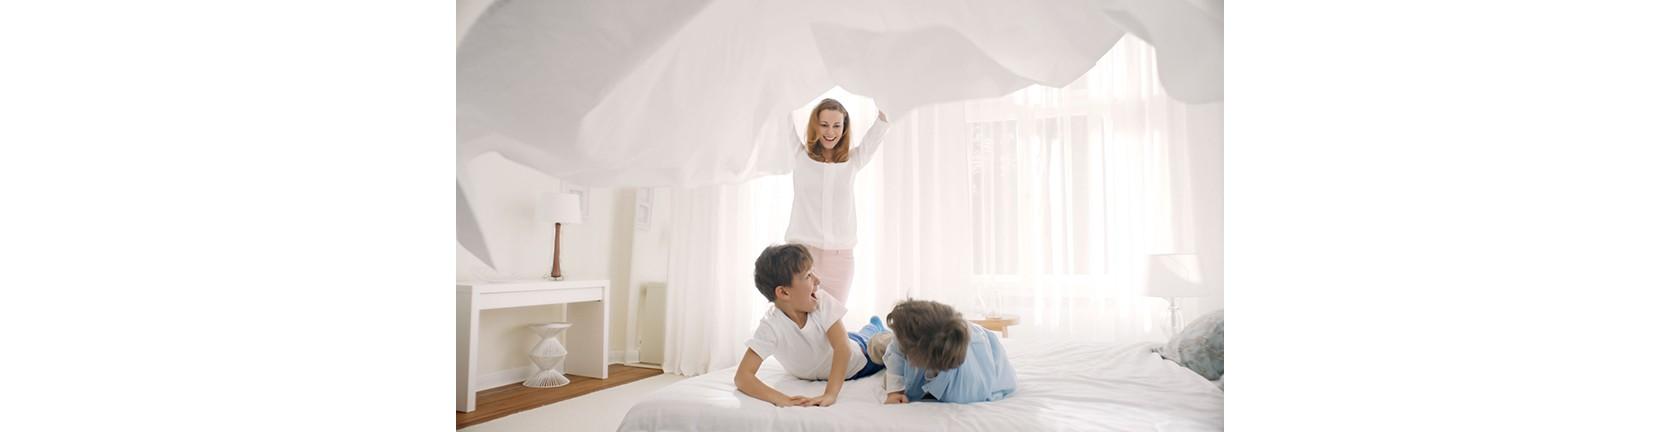 Zwei kleine Jungs tollen fröhlich auf dem Bett herum, ihre Mutter ist gerade im Begriff, sie mit einem strahlend weißen Lacken zuzudecken.